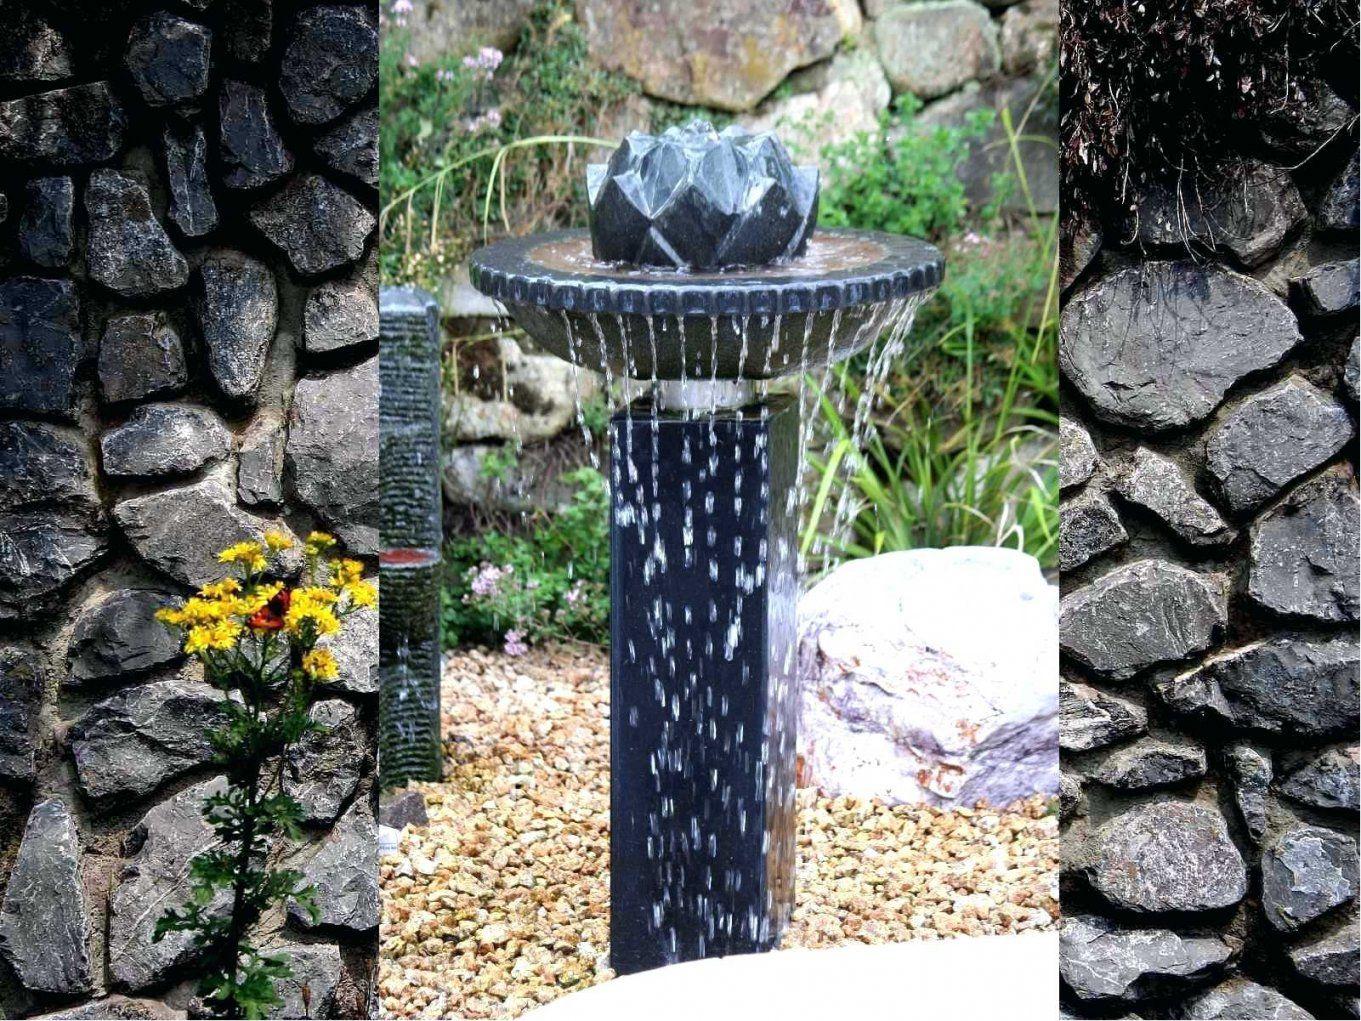 Gartenbrunnen Selber Bauen Stein A Brunnen Wasserfall Selbst von Brunnen Garten Selber Bauen Bild